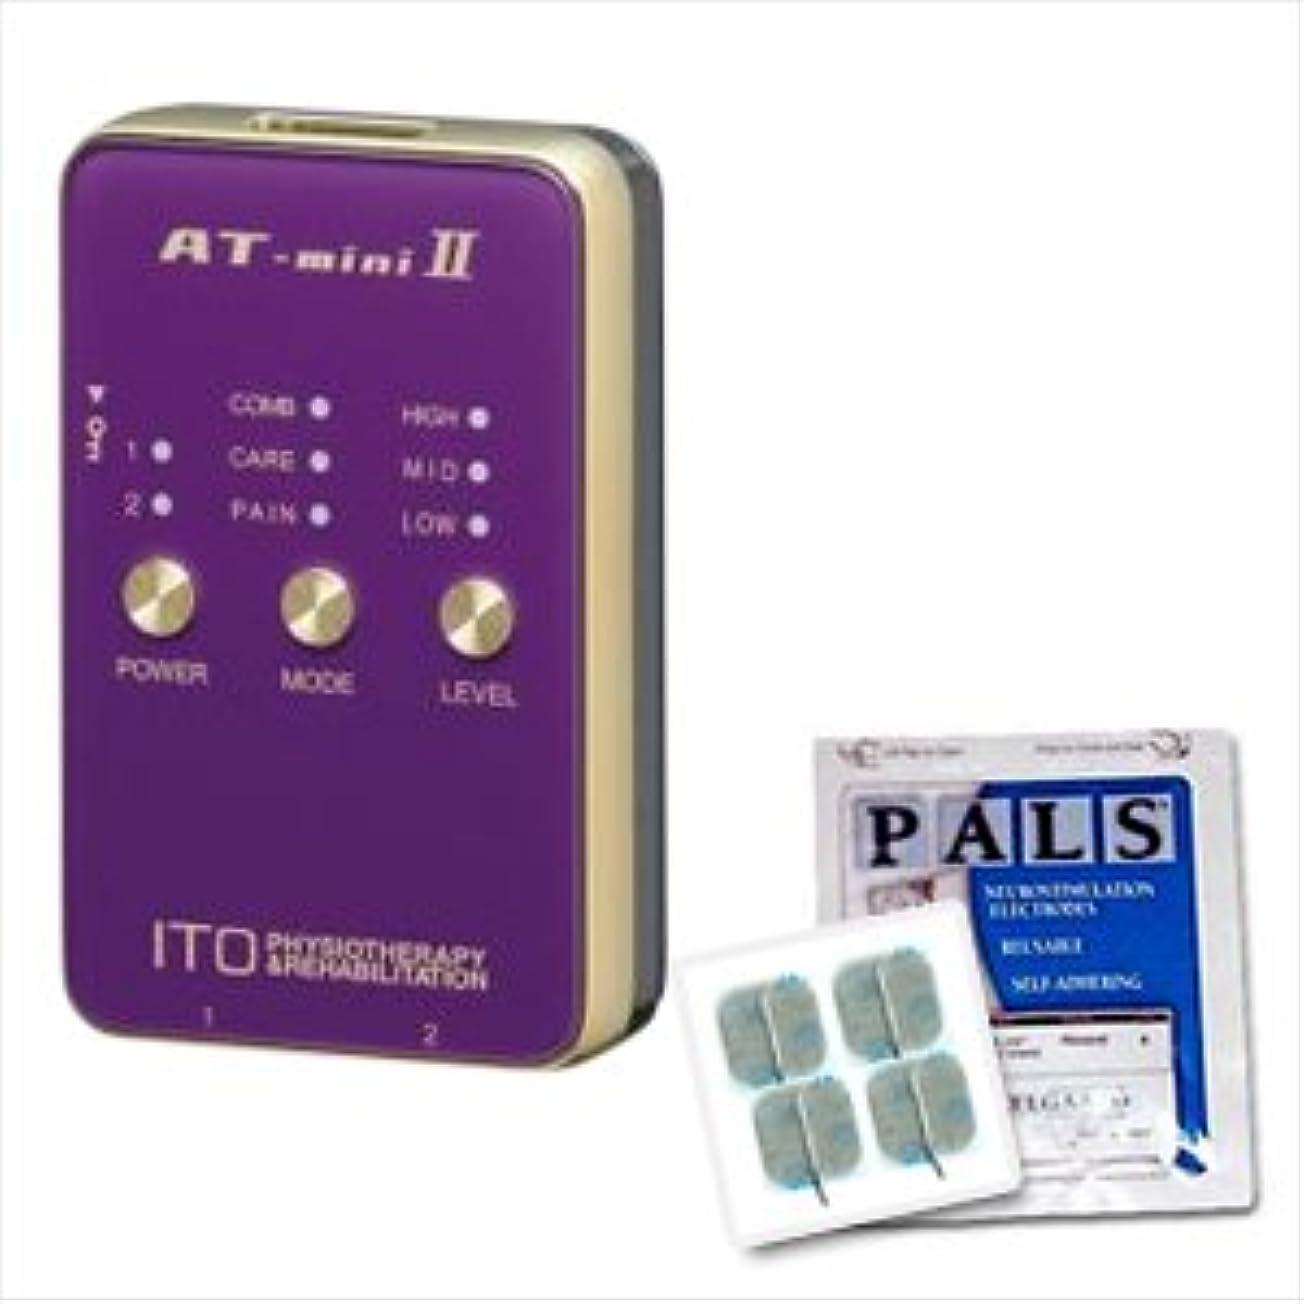 不足トランペットカジュアル低周波治療器 AT-mini II パープル +アクセルガードMサイズ(5x5cm:1袋4枚入)セット